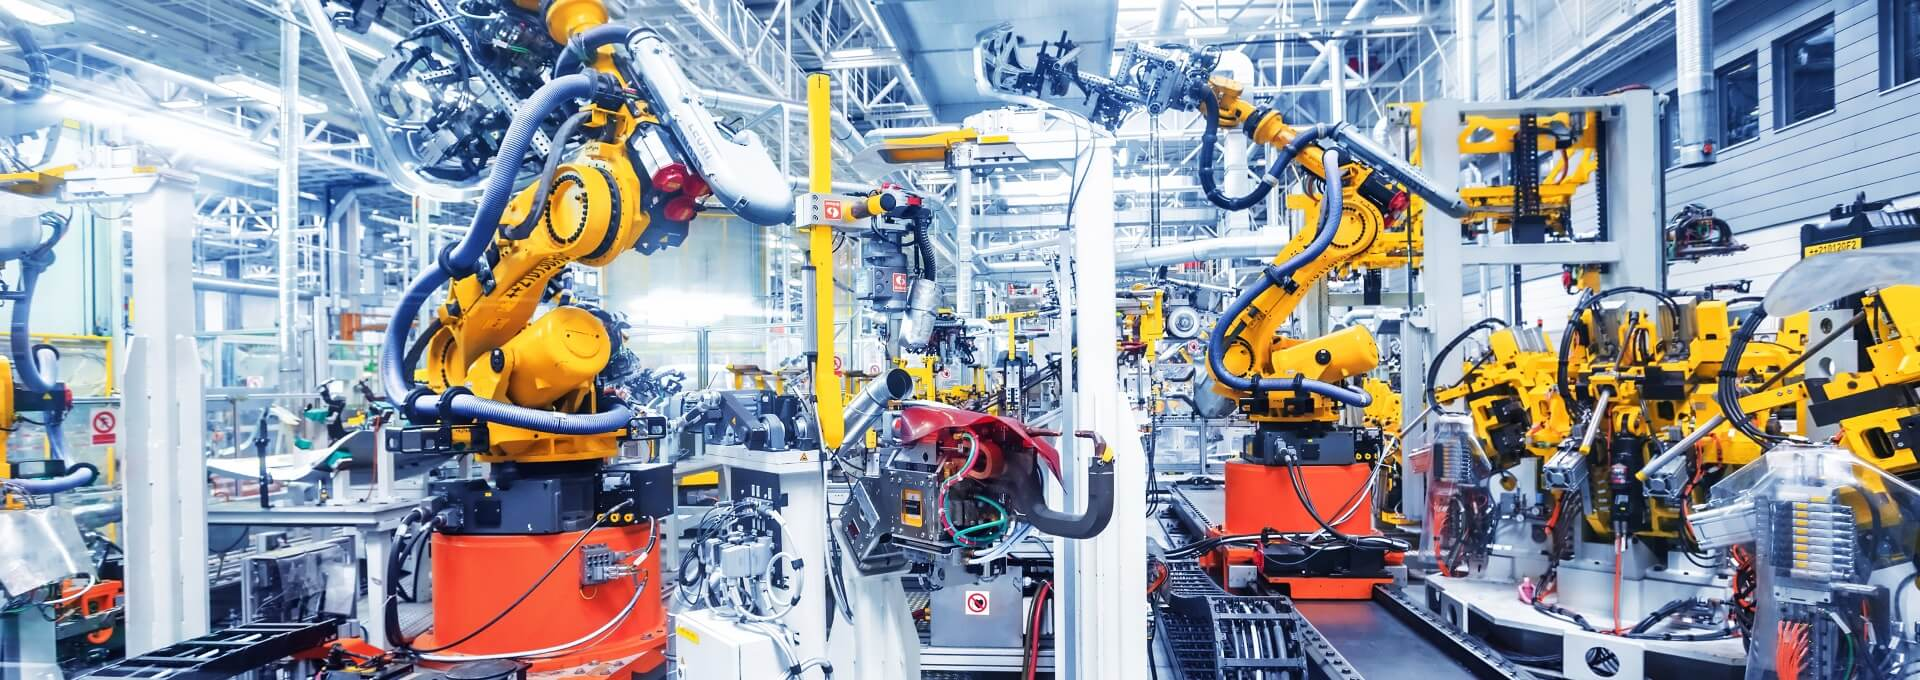 GPower er eksperter i test, automatisering og simulering